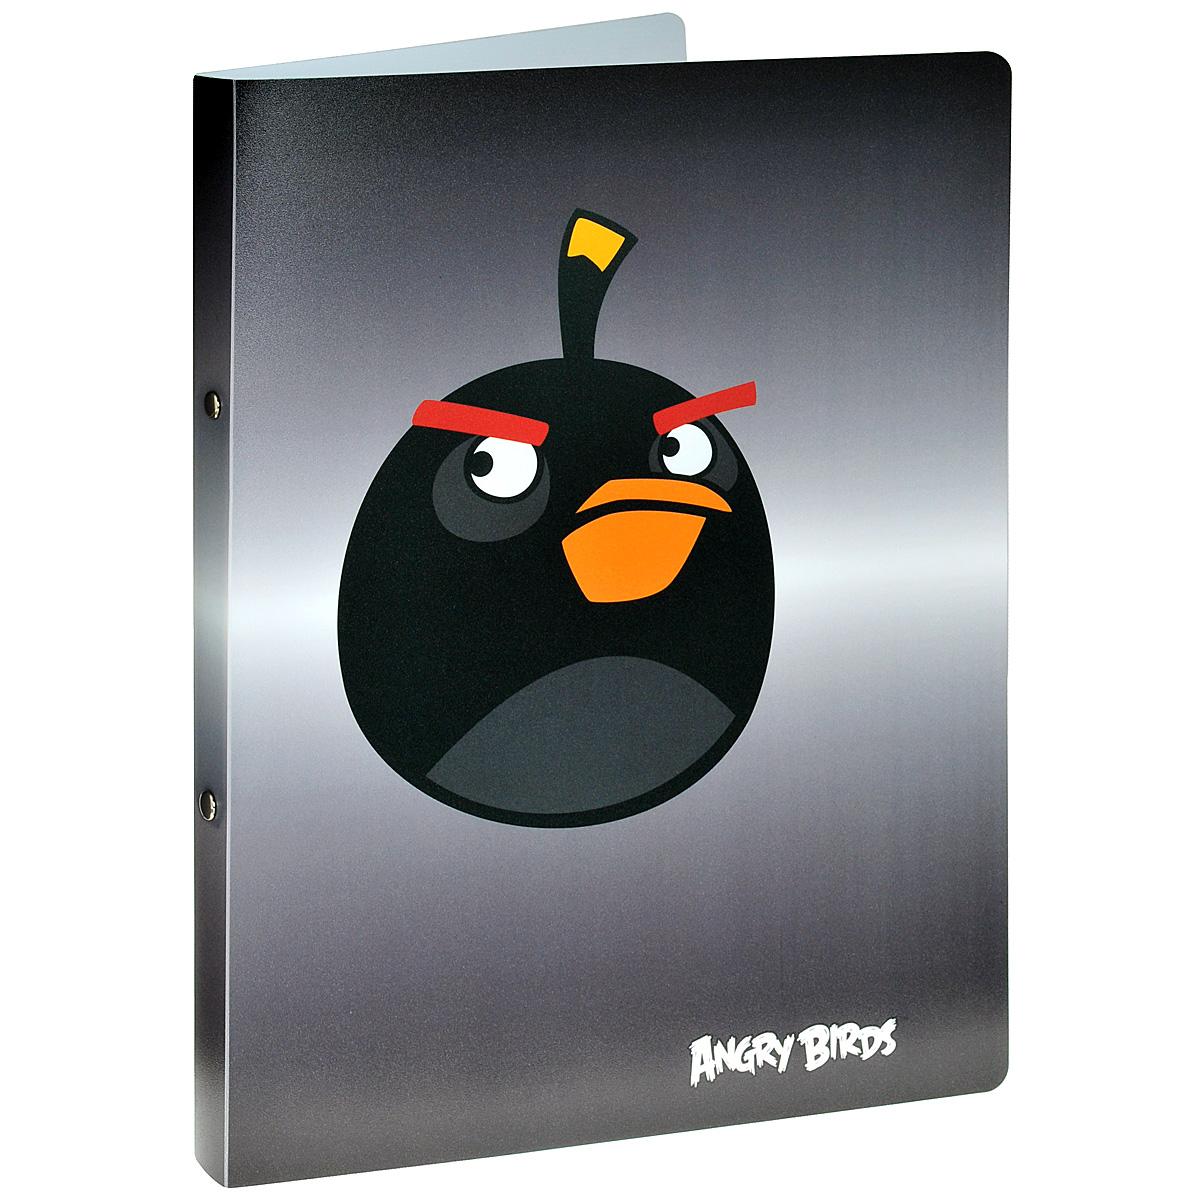 Centrum Папка на кольцах Angry Birds цвет серый14440Папка на кольцах Centrum Angry Birds предназначена для хранения и транспортировки бумаг или документов формата А4. Папка изготовлена из плотного пластика и оформлена изображением персонажа всеми любимой игры Angry Birds.Кольцевой механизм выполнен из высококачественной стали.